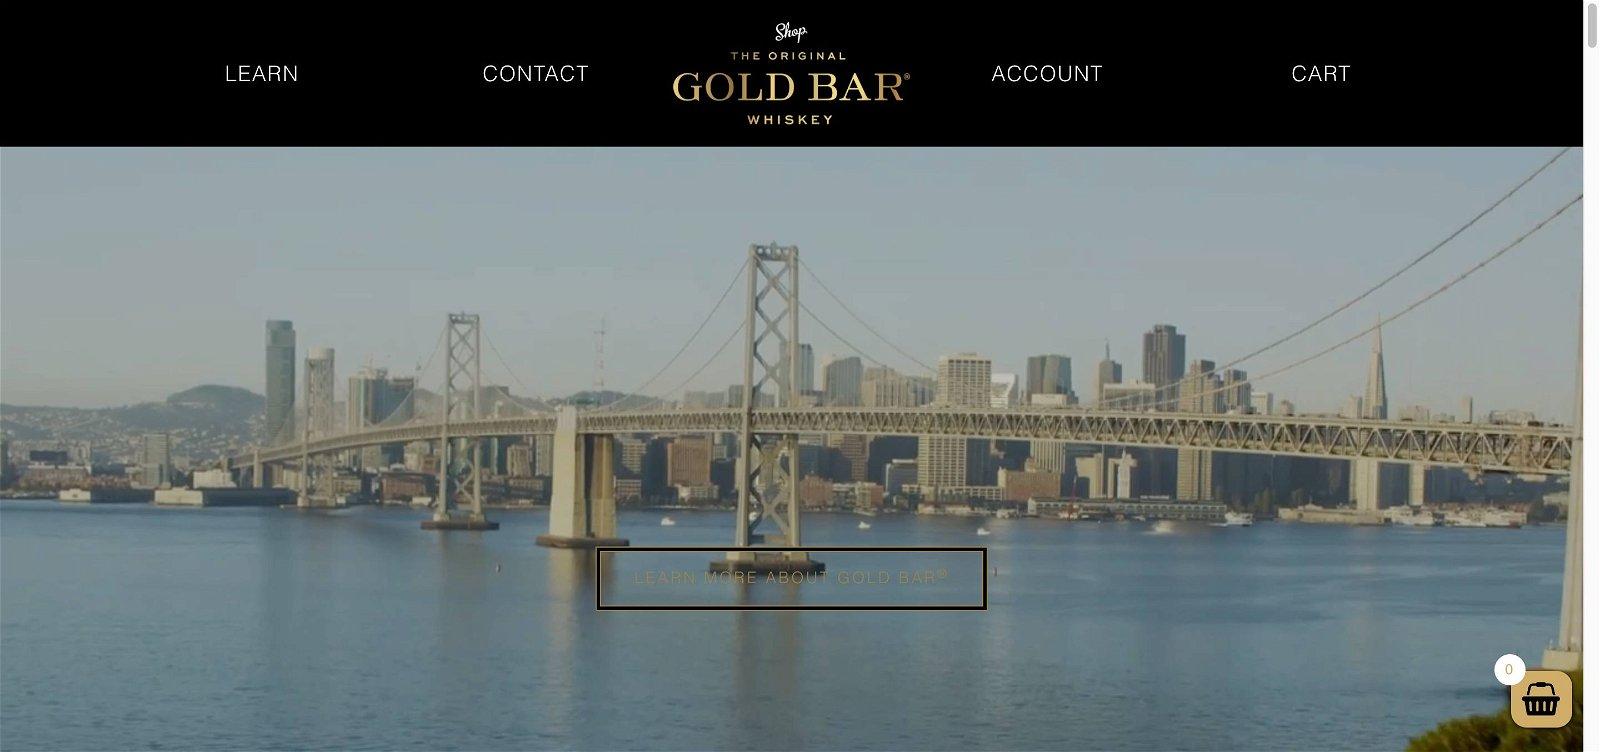 Goldbar whiskey.com 1